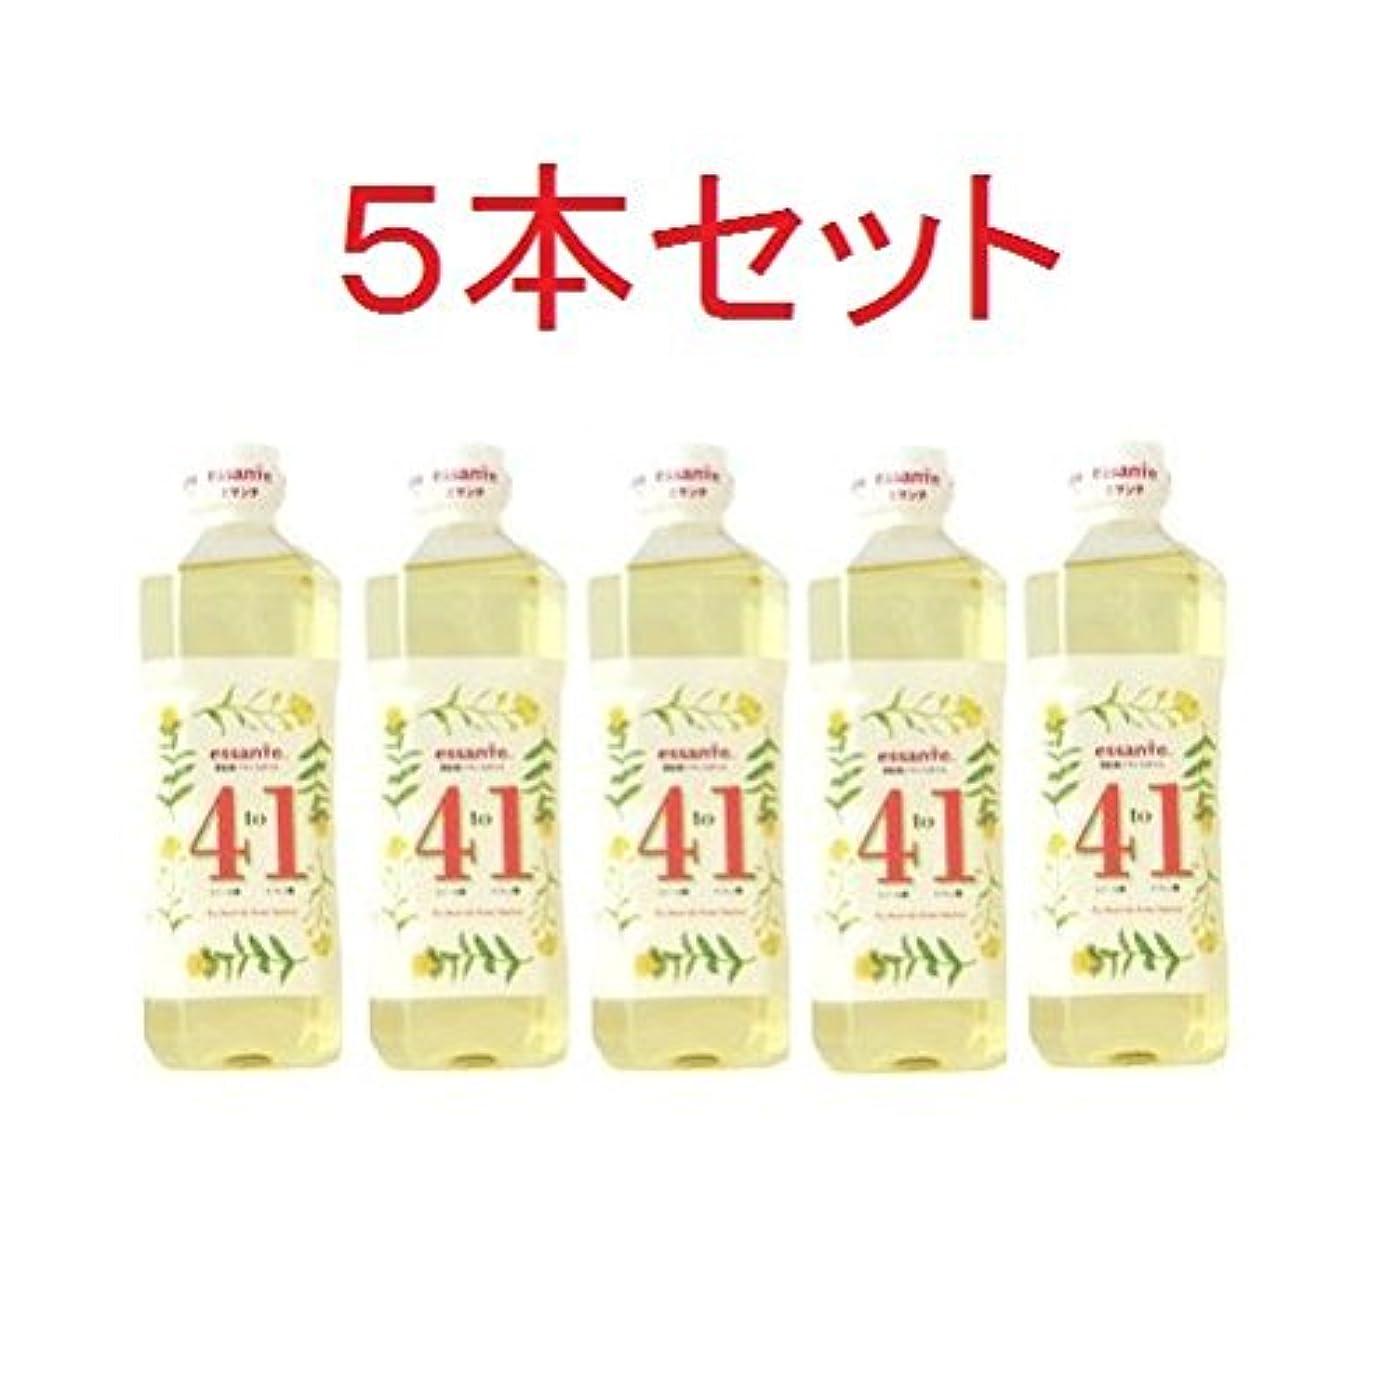 滅多圧縮された成長する5本セット アムウェイ エサンテ 4 to 1 脂肪酸バランスオイル